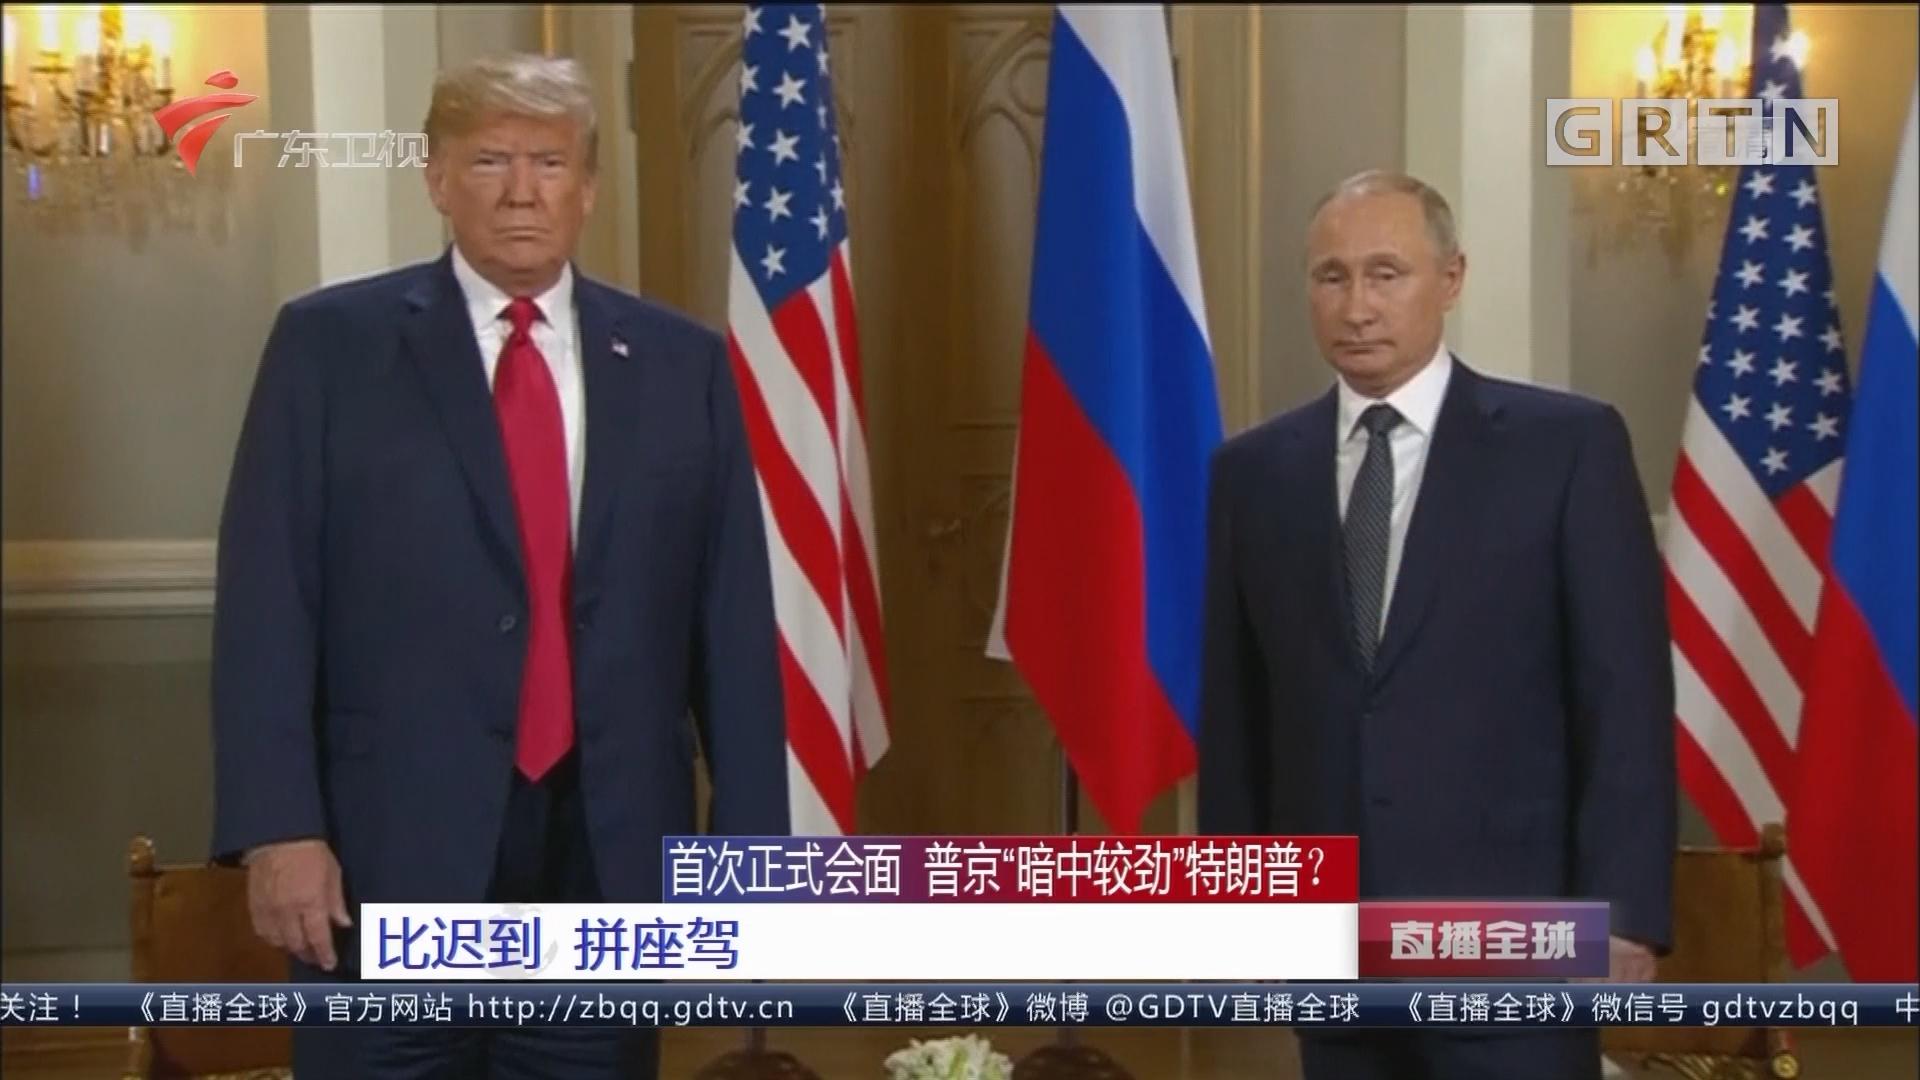 """首次正式会面 普京""""暗中较劲""""特朗普? 比迟到 拼座驾"""